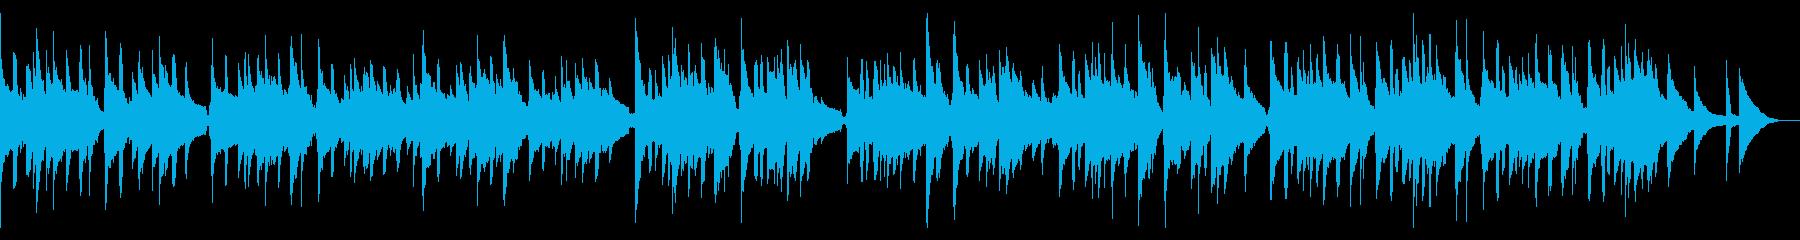 【生演奏】ほのぼのアコースティックポップの再生済みの波形